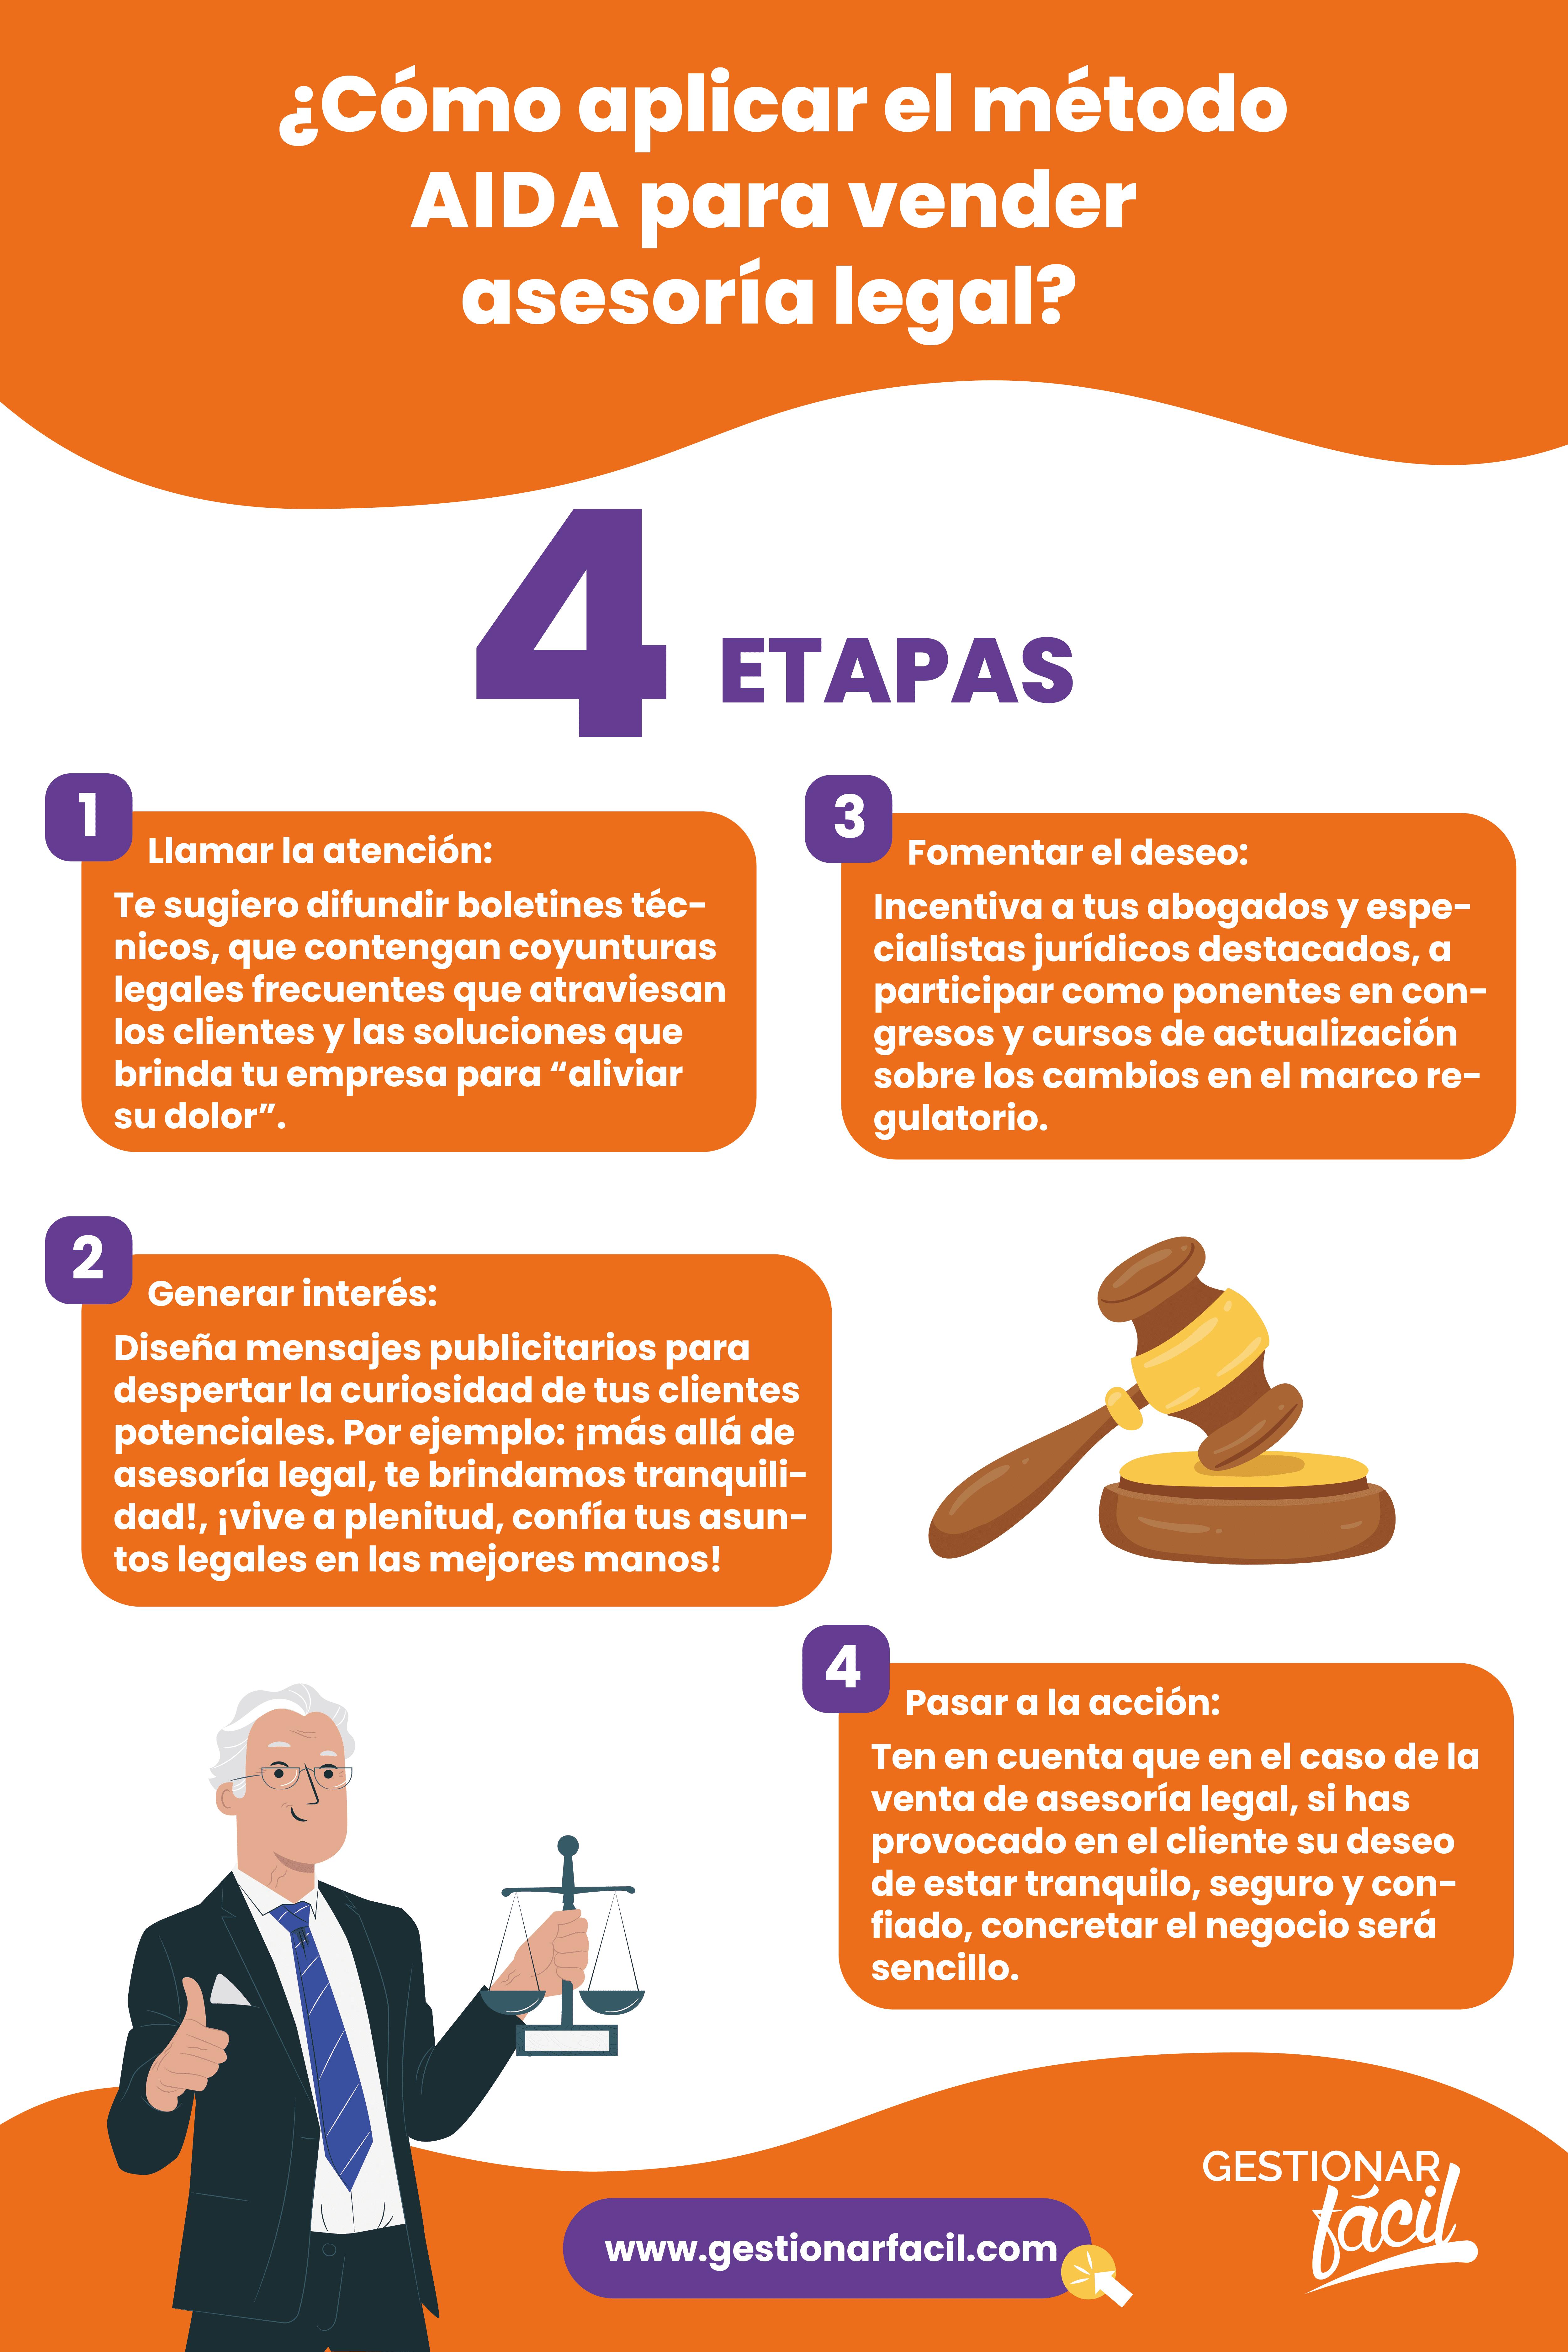 ¿Cómo aplicar el método AIDA para vender asesoría legal?